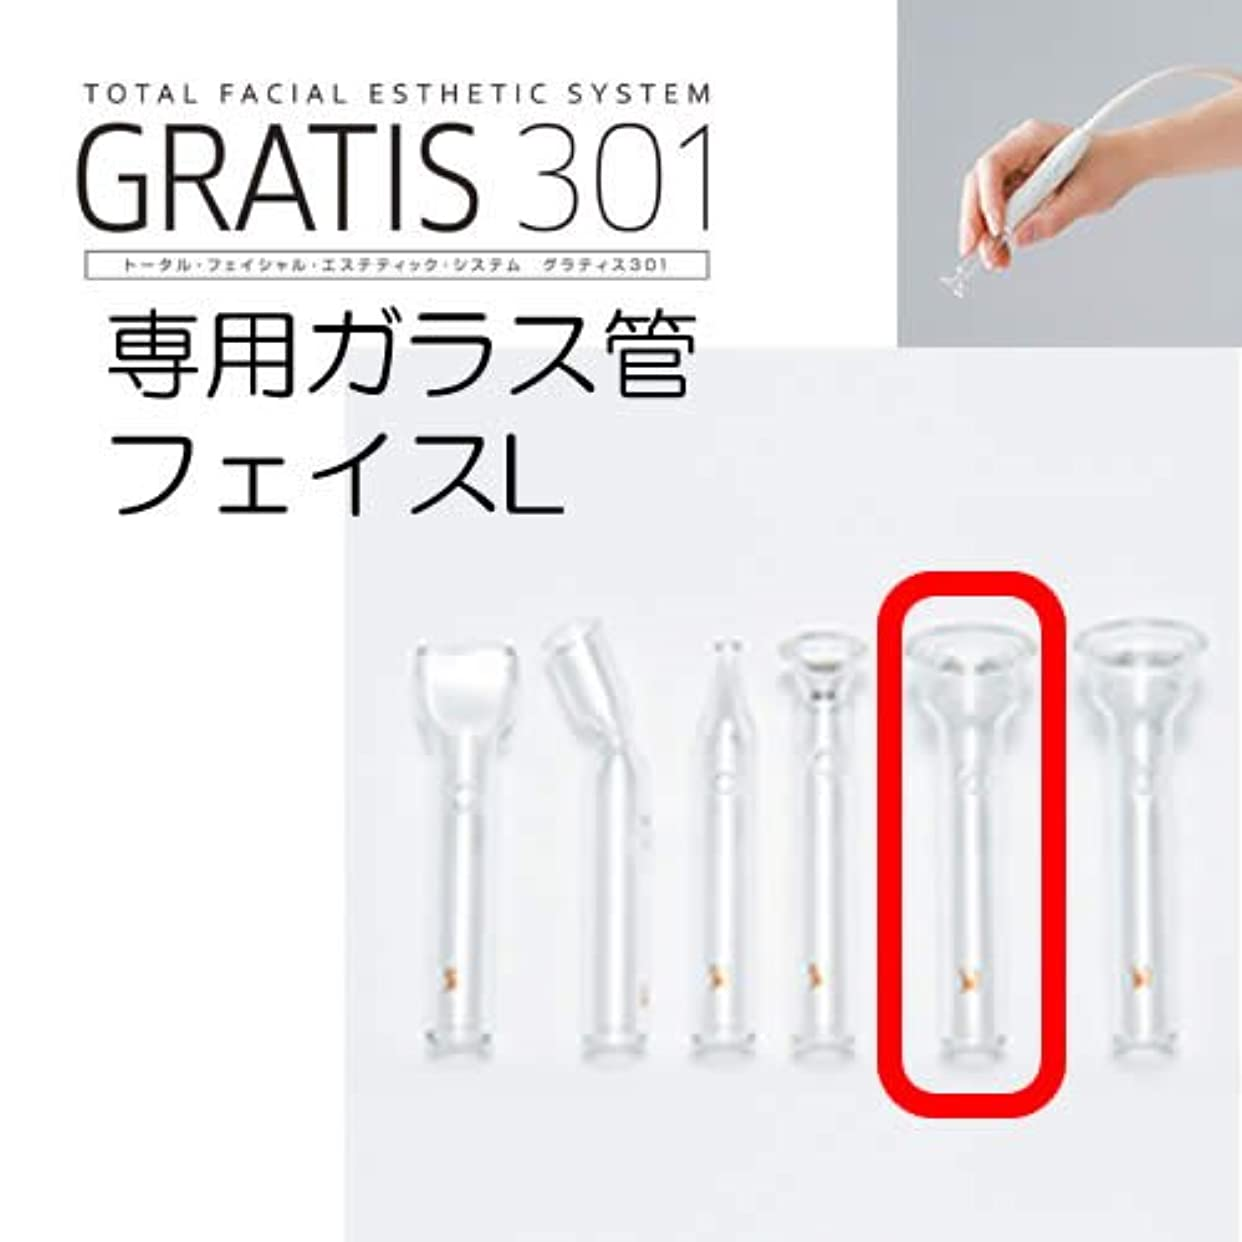 子供時代危険を冒します橋脚GRATIS 301(グラティス301)専用ガラス管 フェイスL(2本セット)